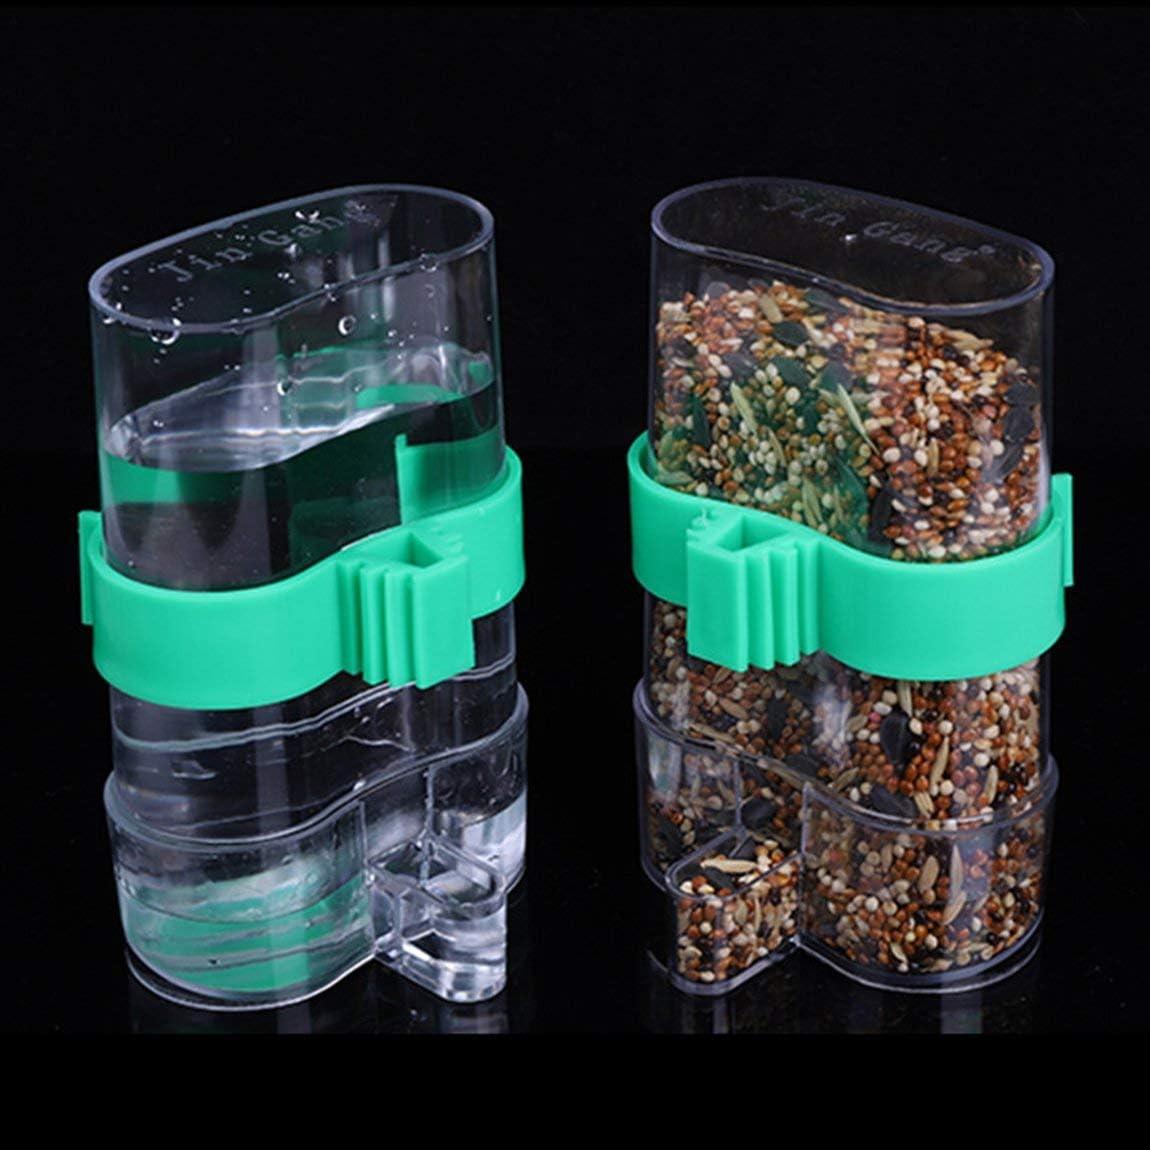 Bird Trampa de agua automática Suministros para jaula de pájaros Accesorios para jaula de pájaros Fuente para beber Utensilios de loros (color: verde y transparente)